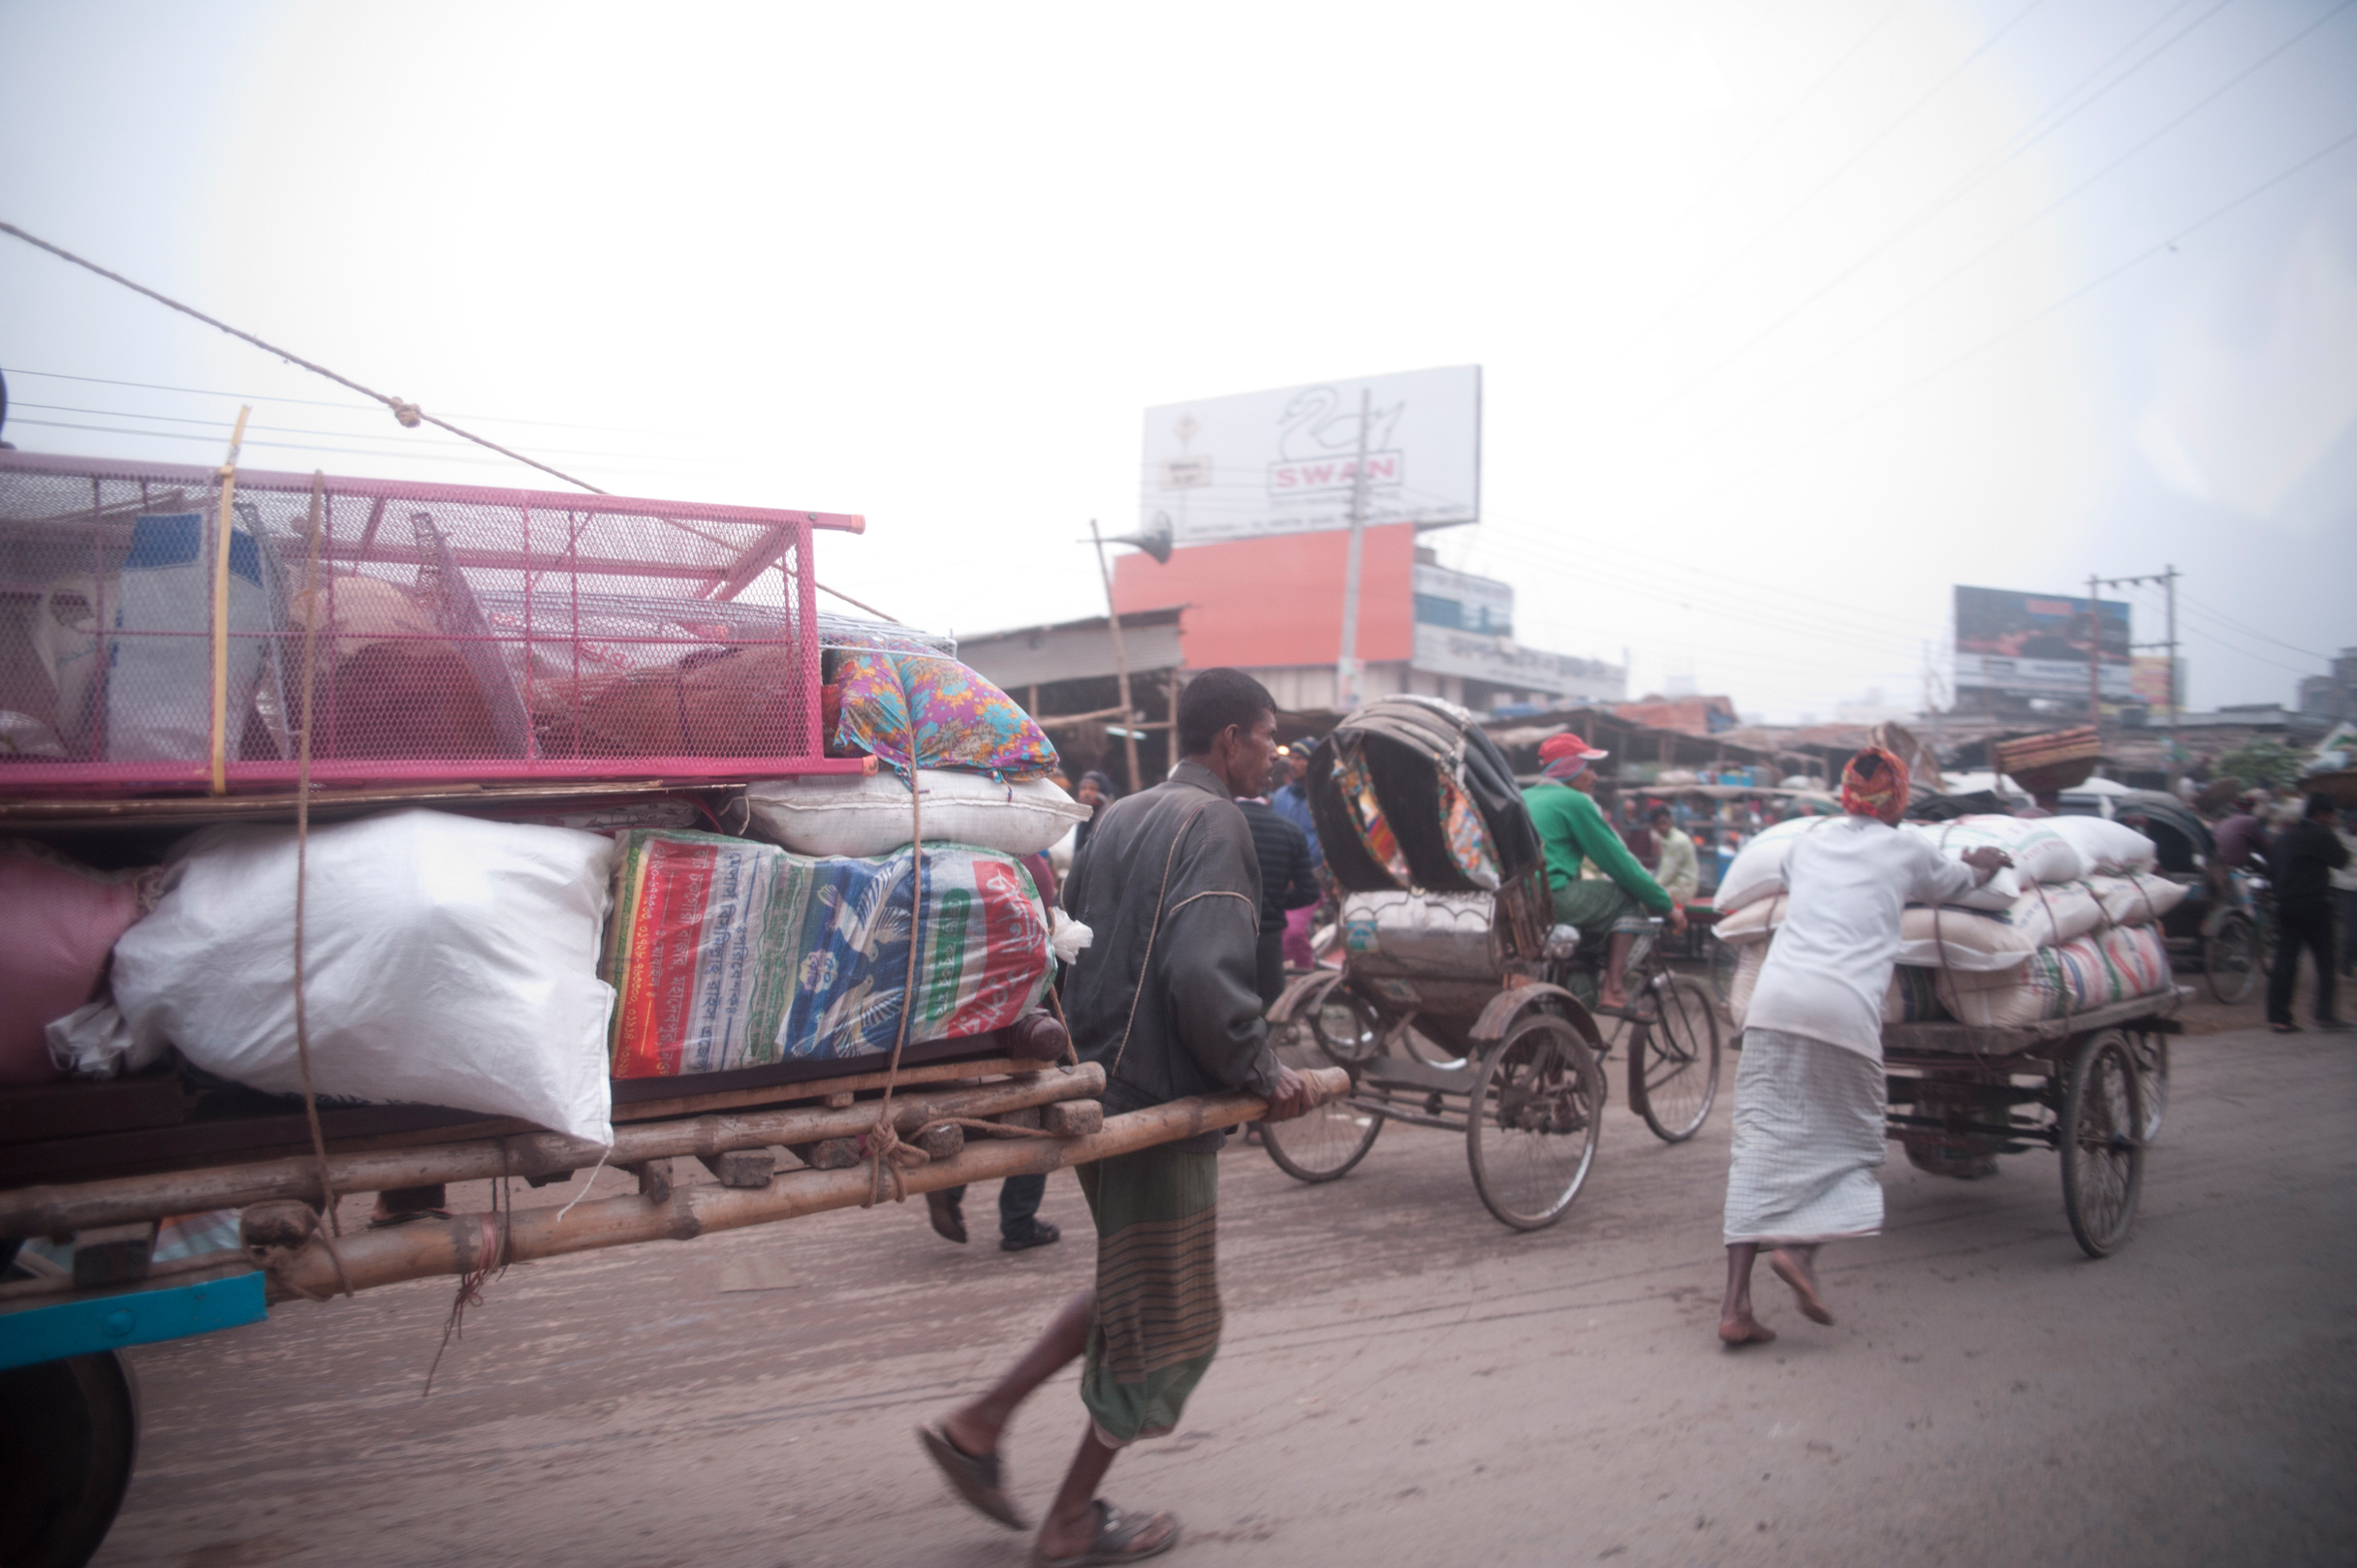 Taking goods to market in Dhaka. Photo by Shinobu Suzuki.